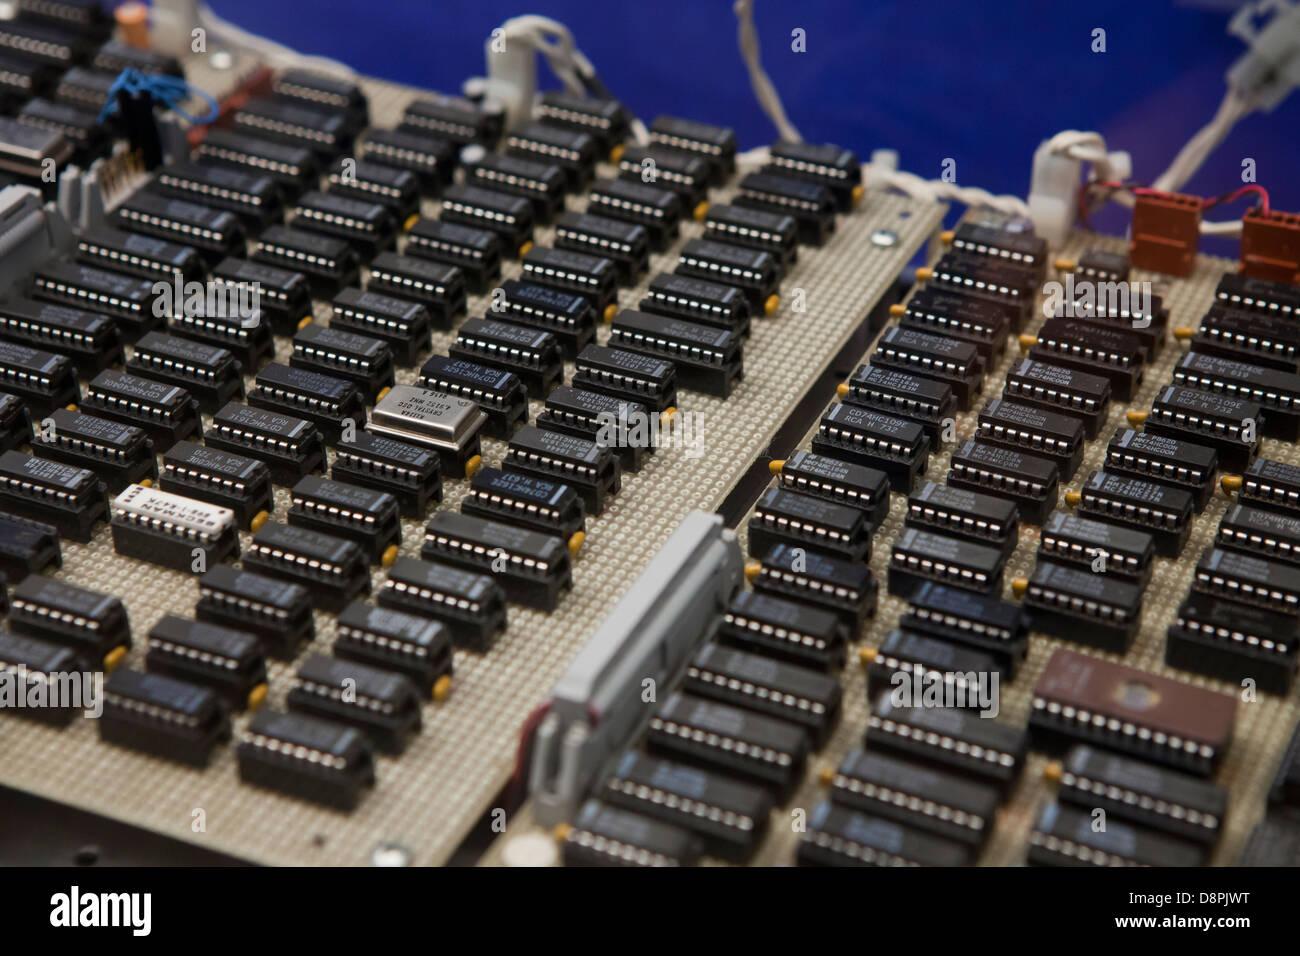 IC-Chips auf der Platine Stockbild